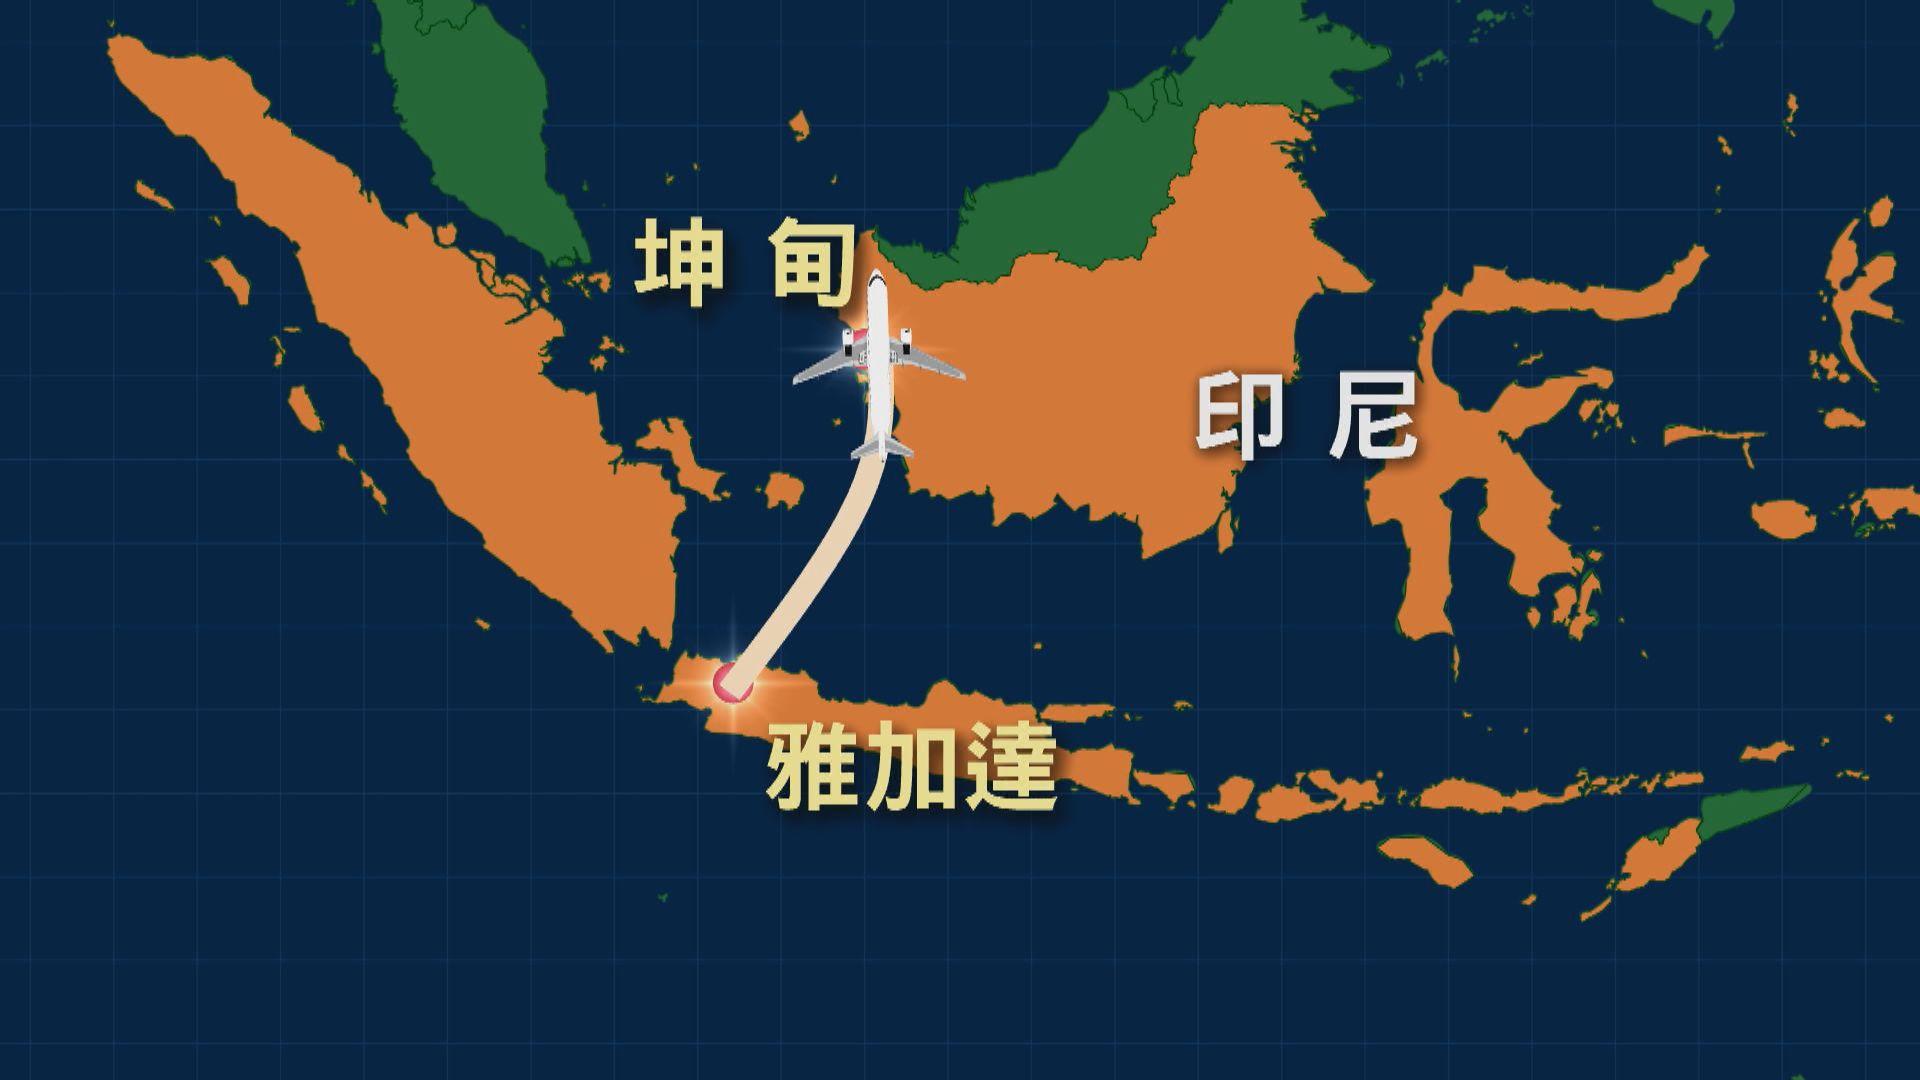 印尼客機雅加達起飛後墜海 當局正找尋客機黑盒